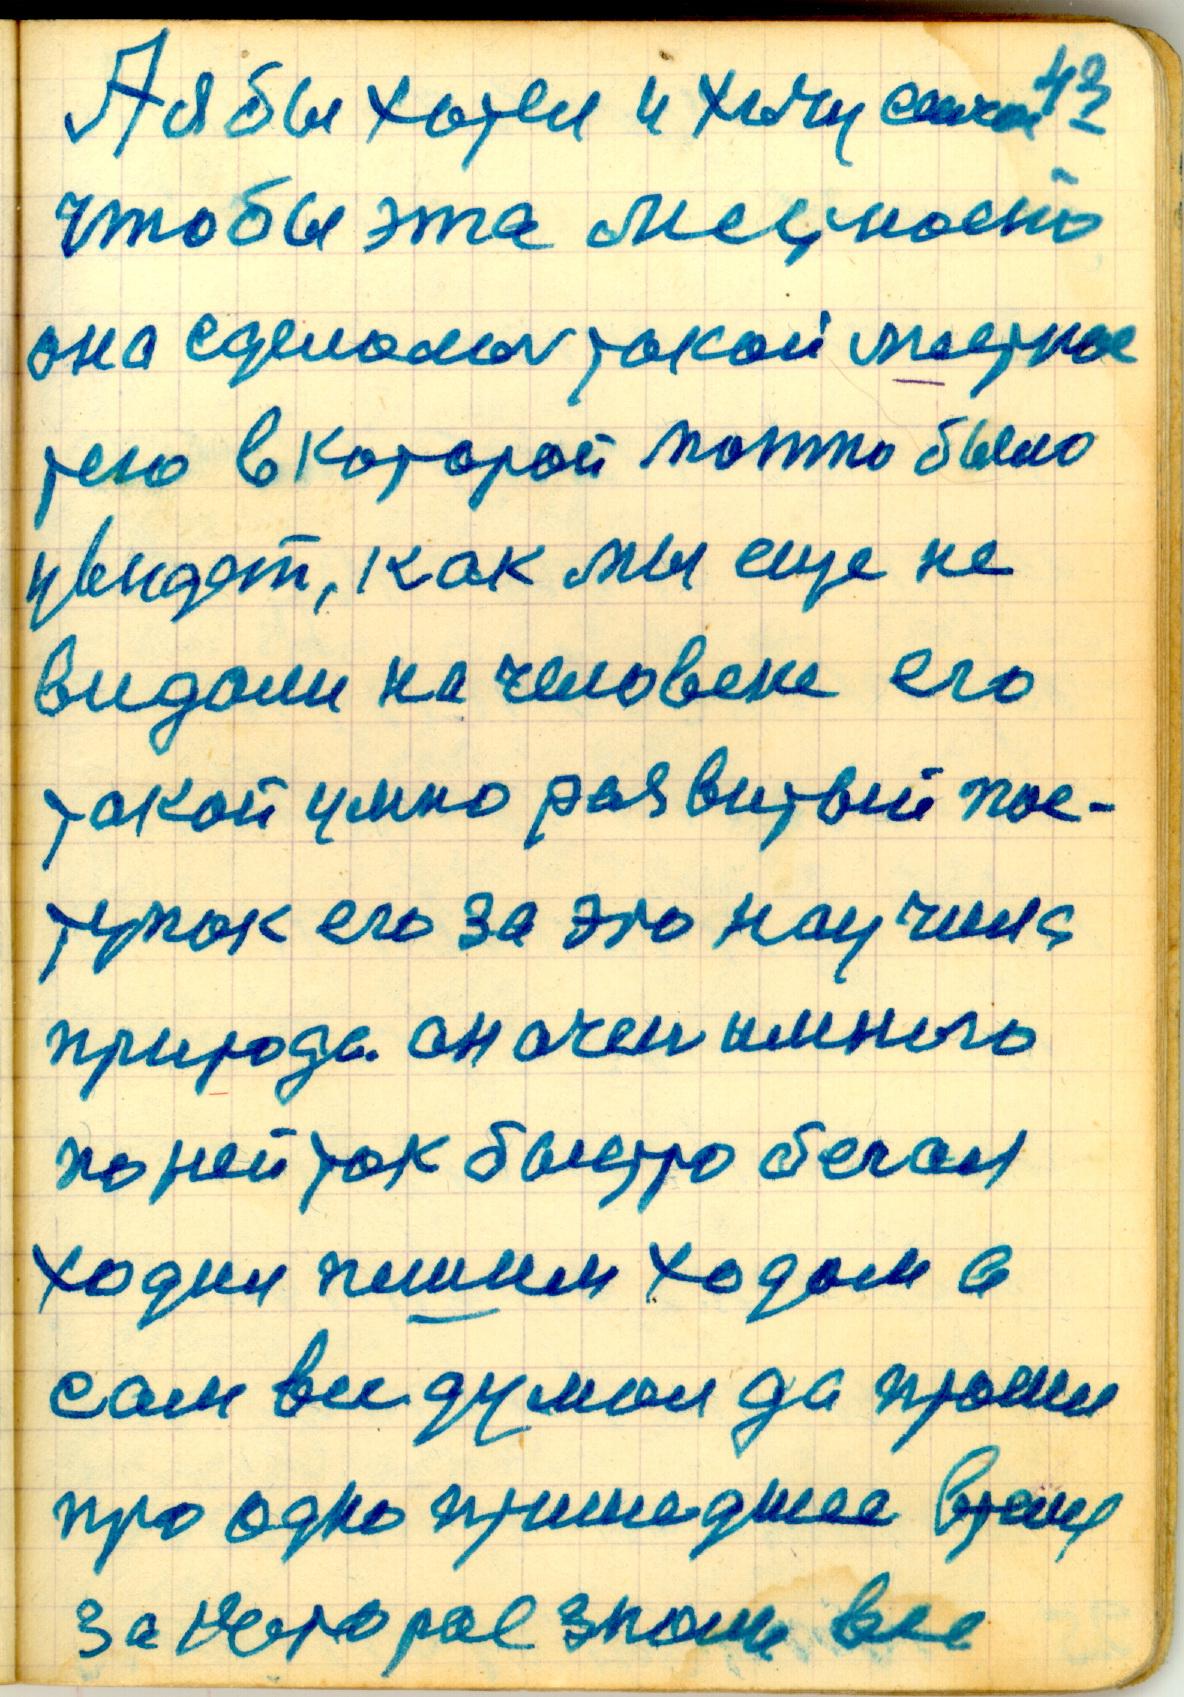 Zak043a(1).jpg